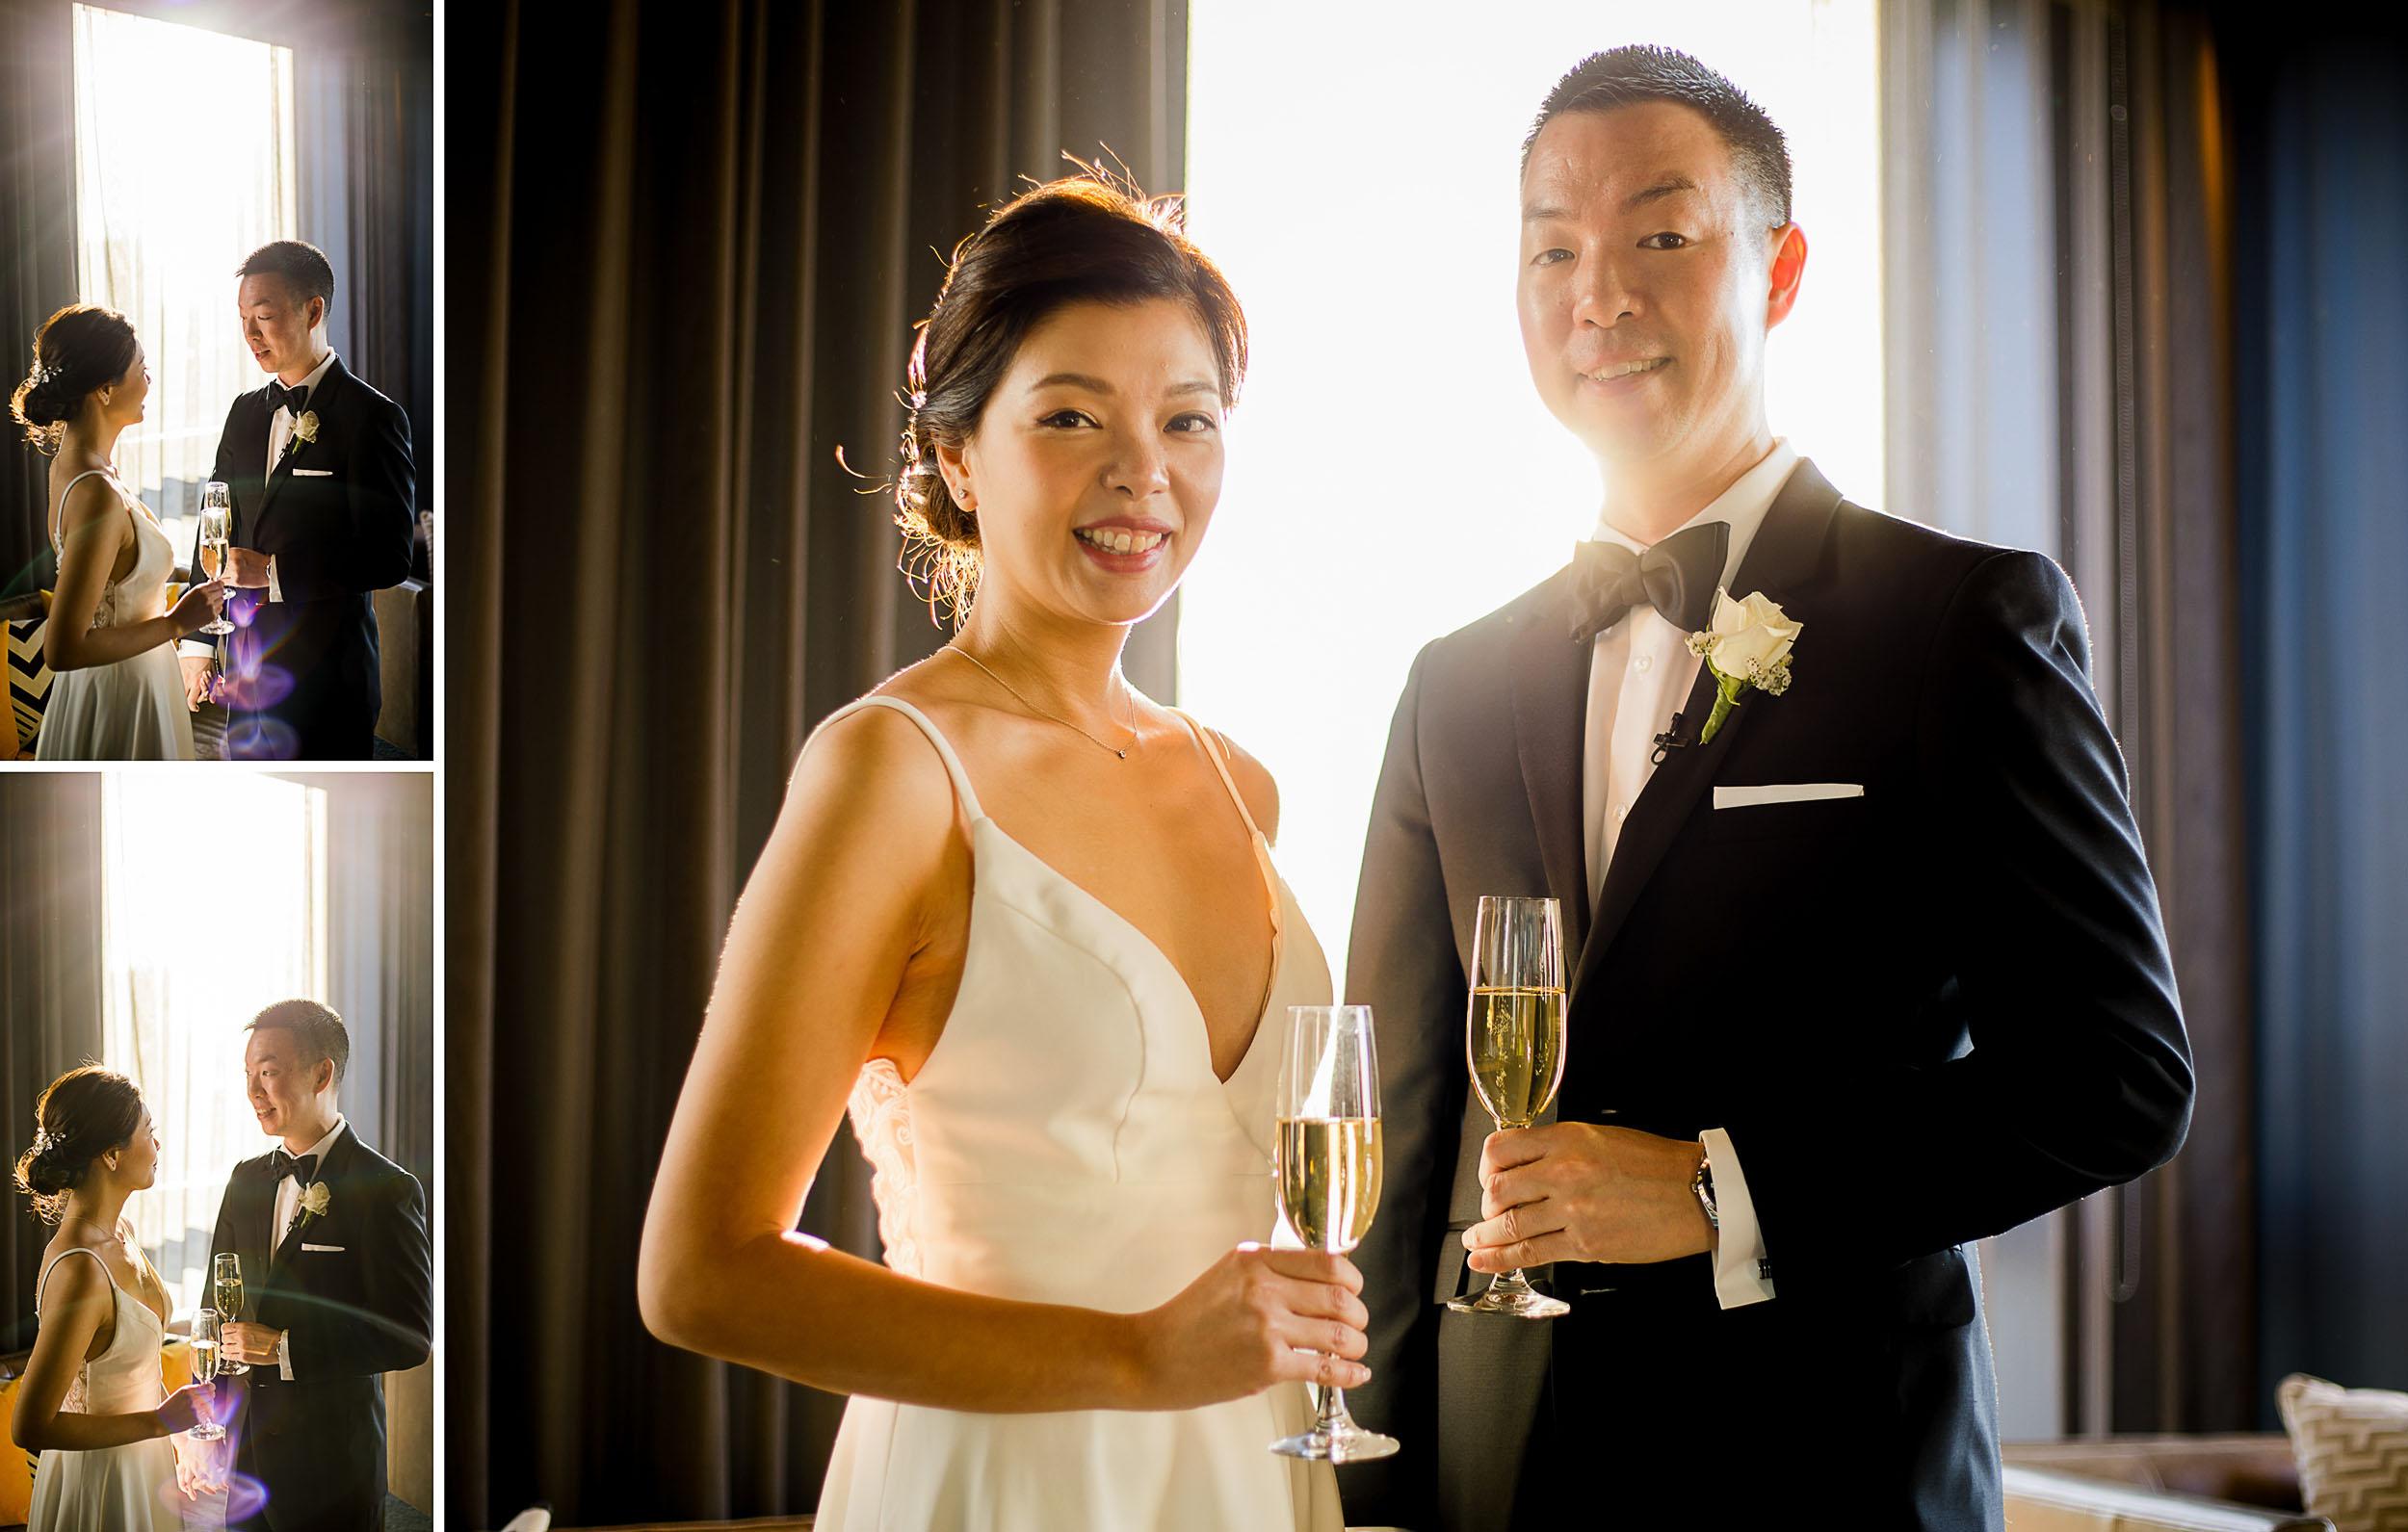 The Skylark NYC Wedding, The Skylark NYC, Manhattan Wedding , NYC Wedding Venue, NYC Wedding Photographer